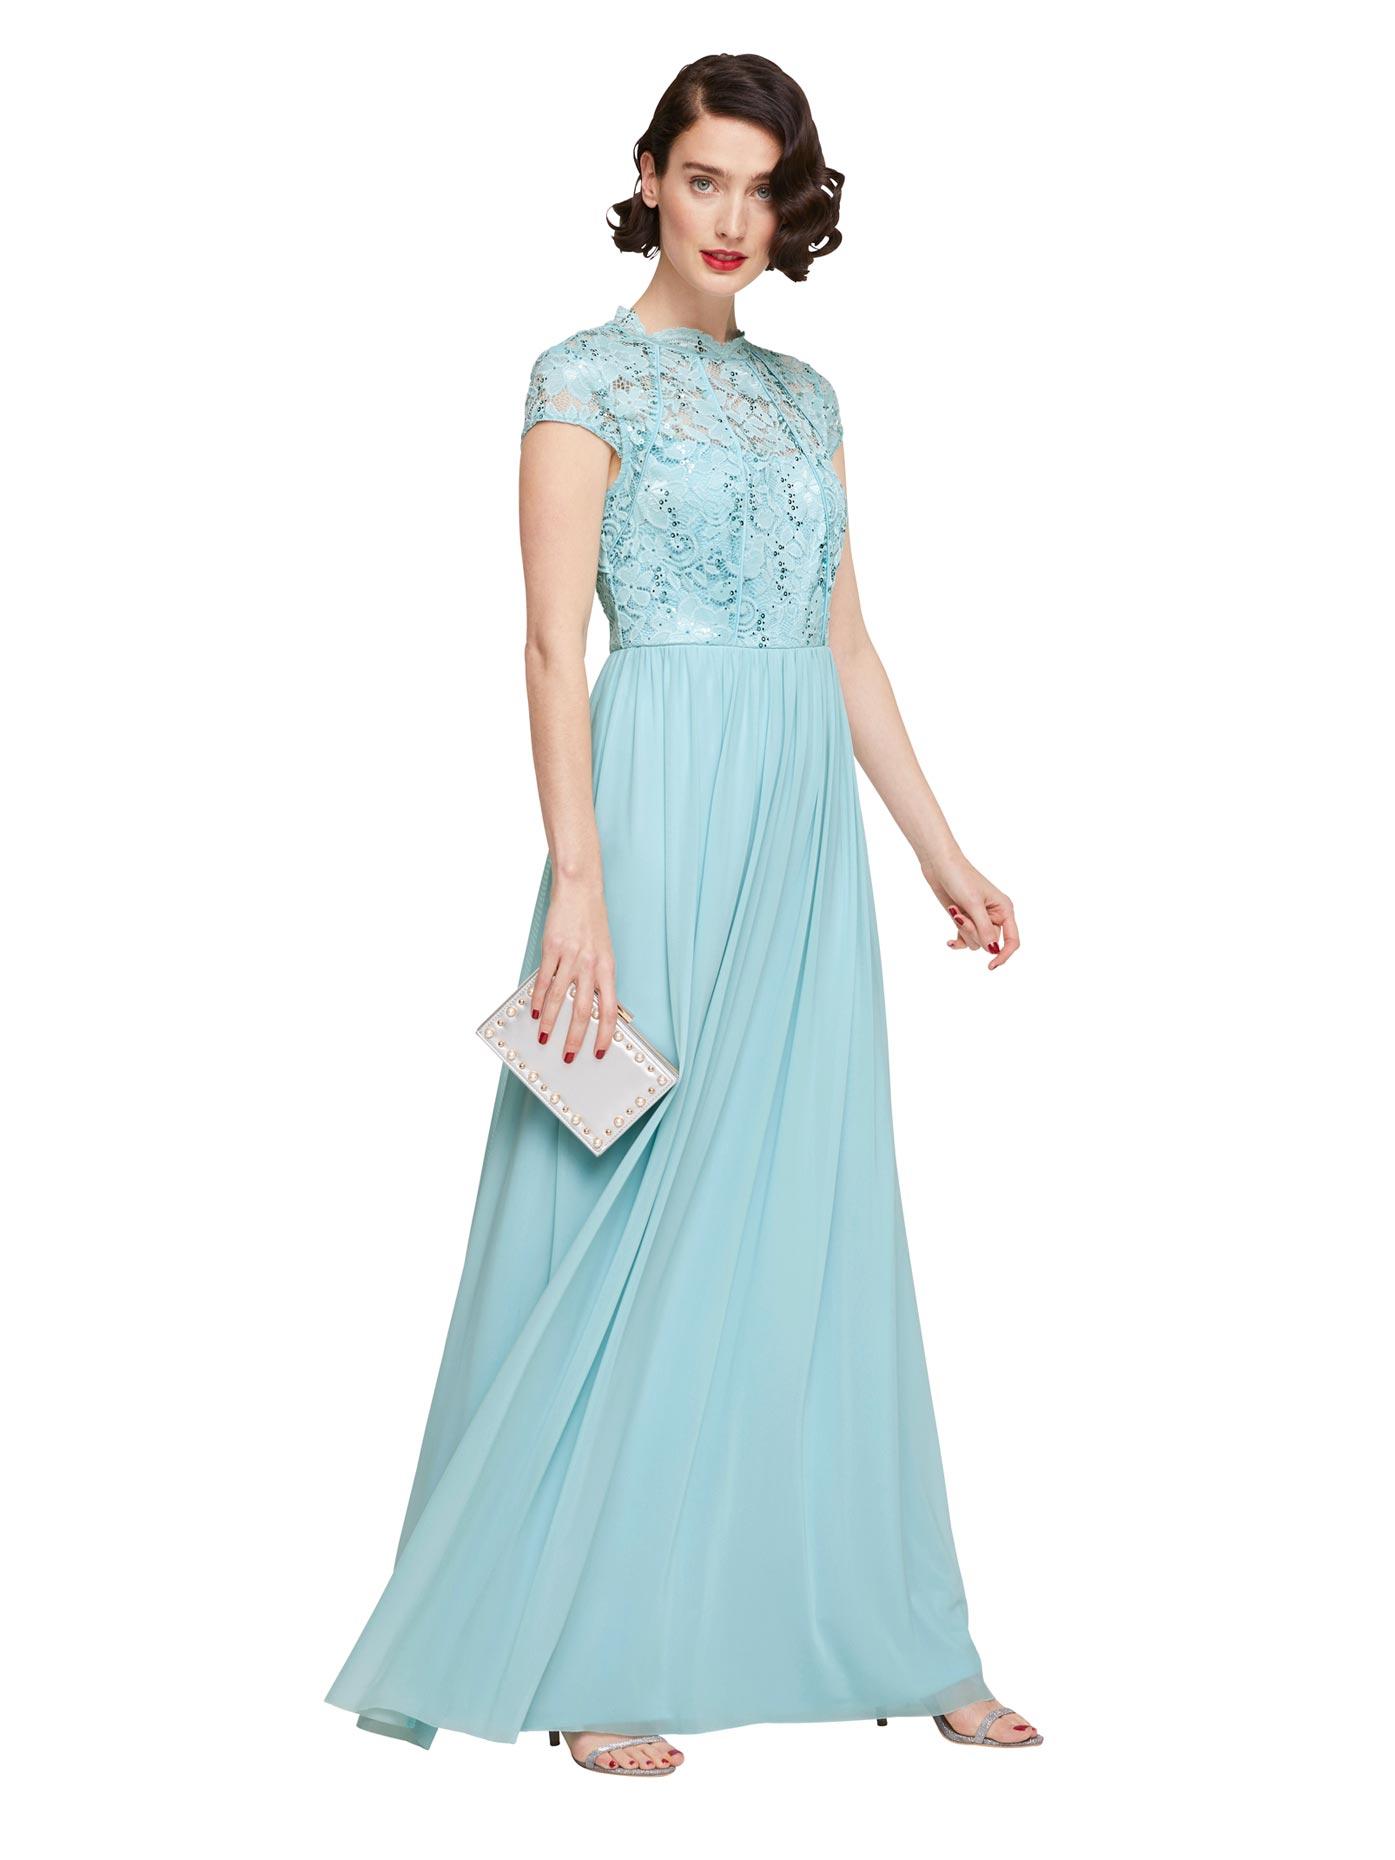 ashley brooke by heine -  Abendkleid Abendkleid